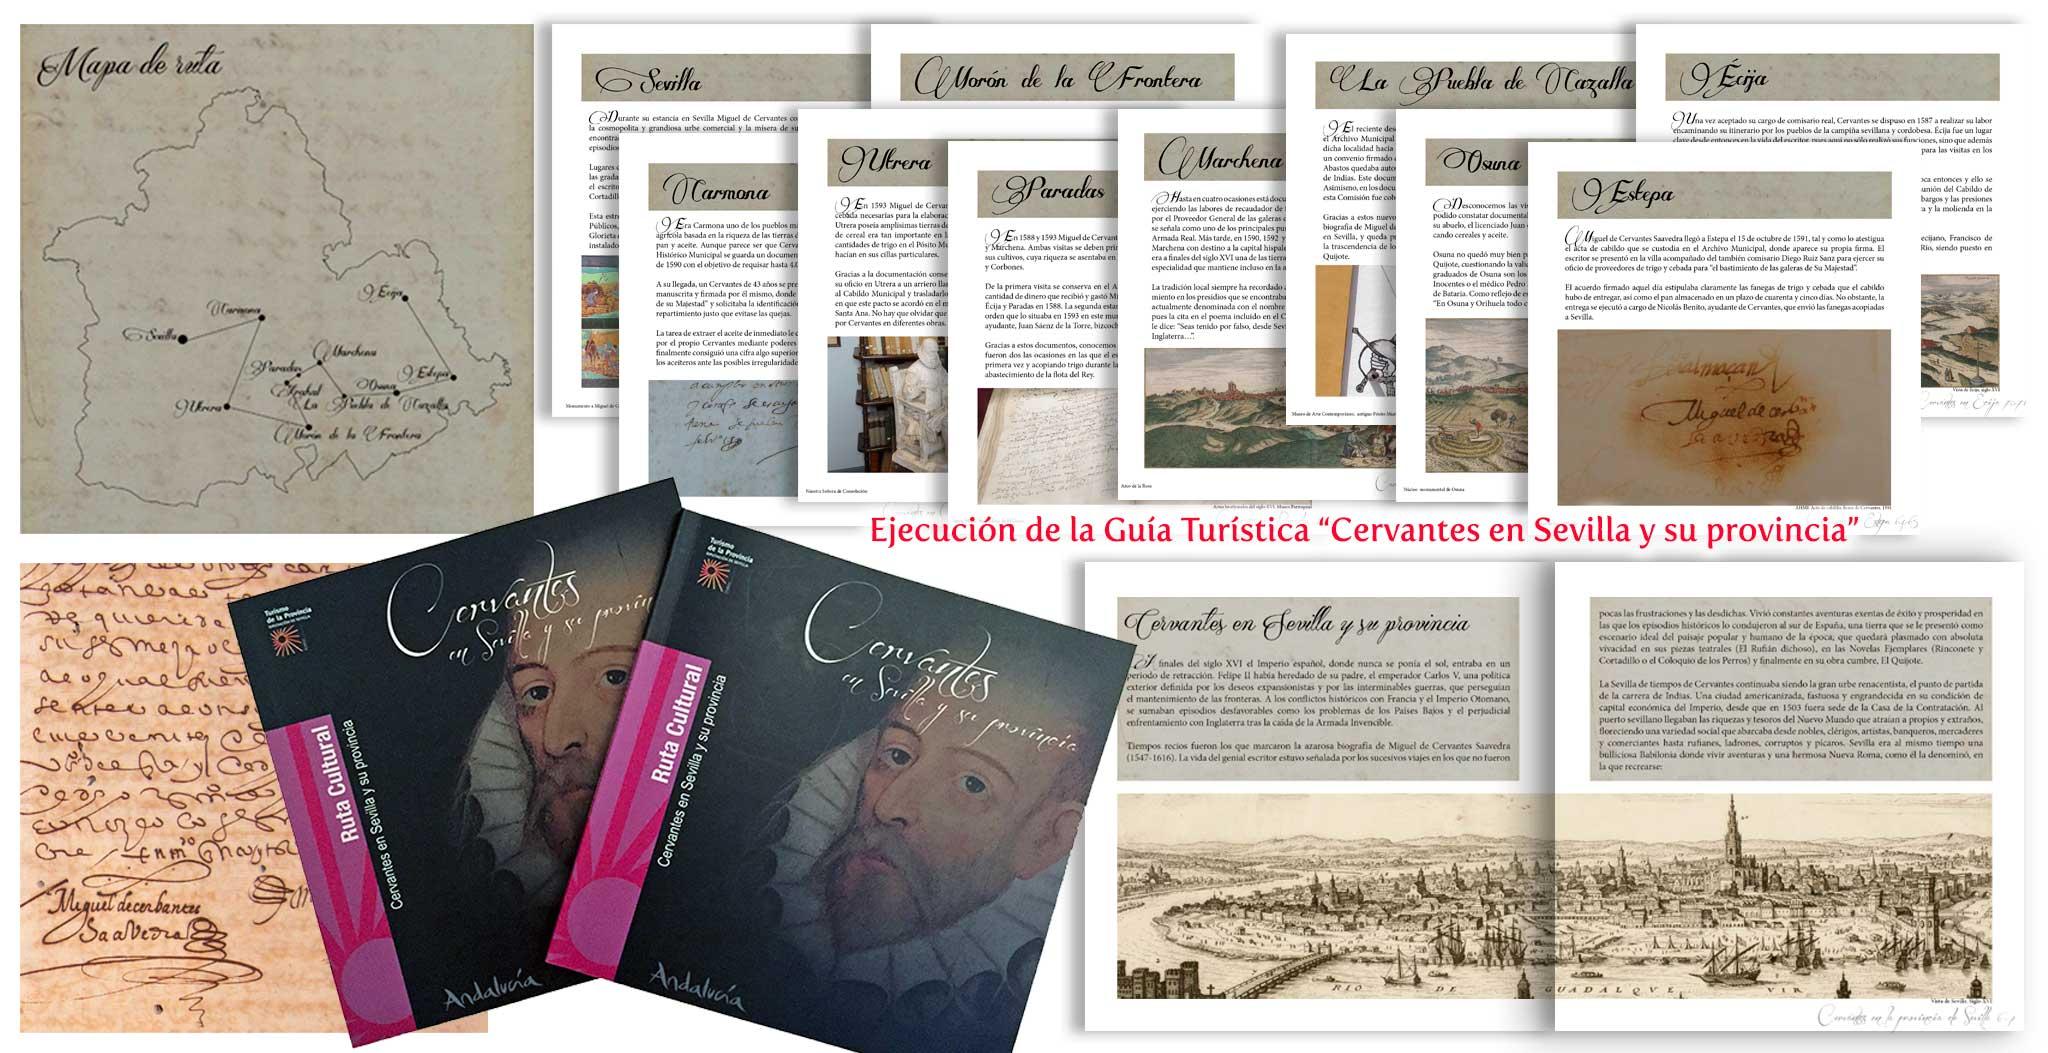 """Ejecución de la Guia turística """"Cervantes en Sevilla y su provincia"""""""